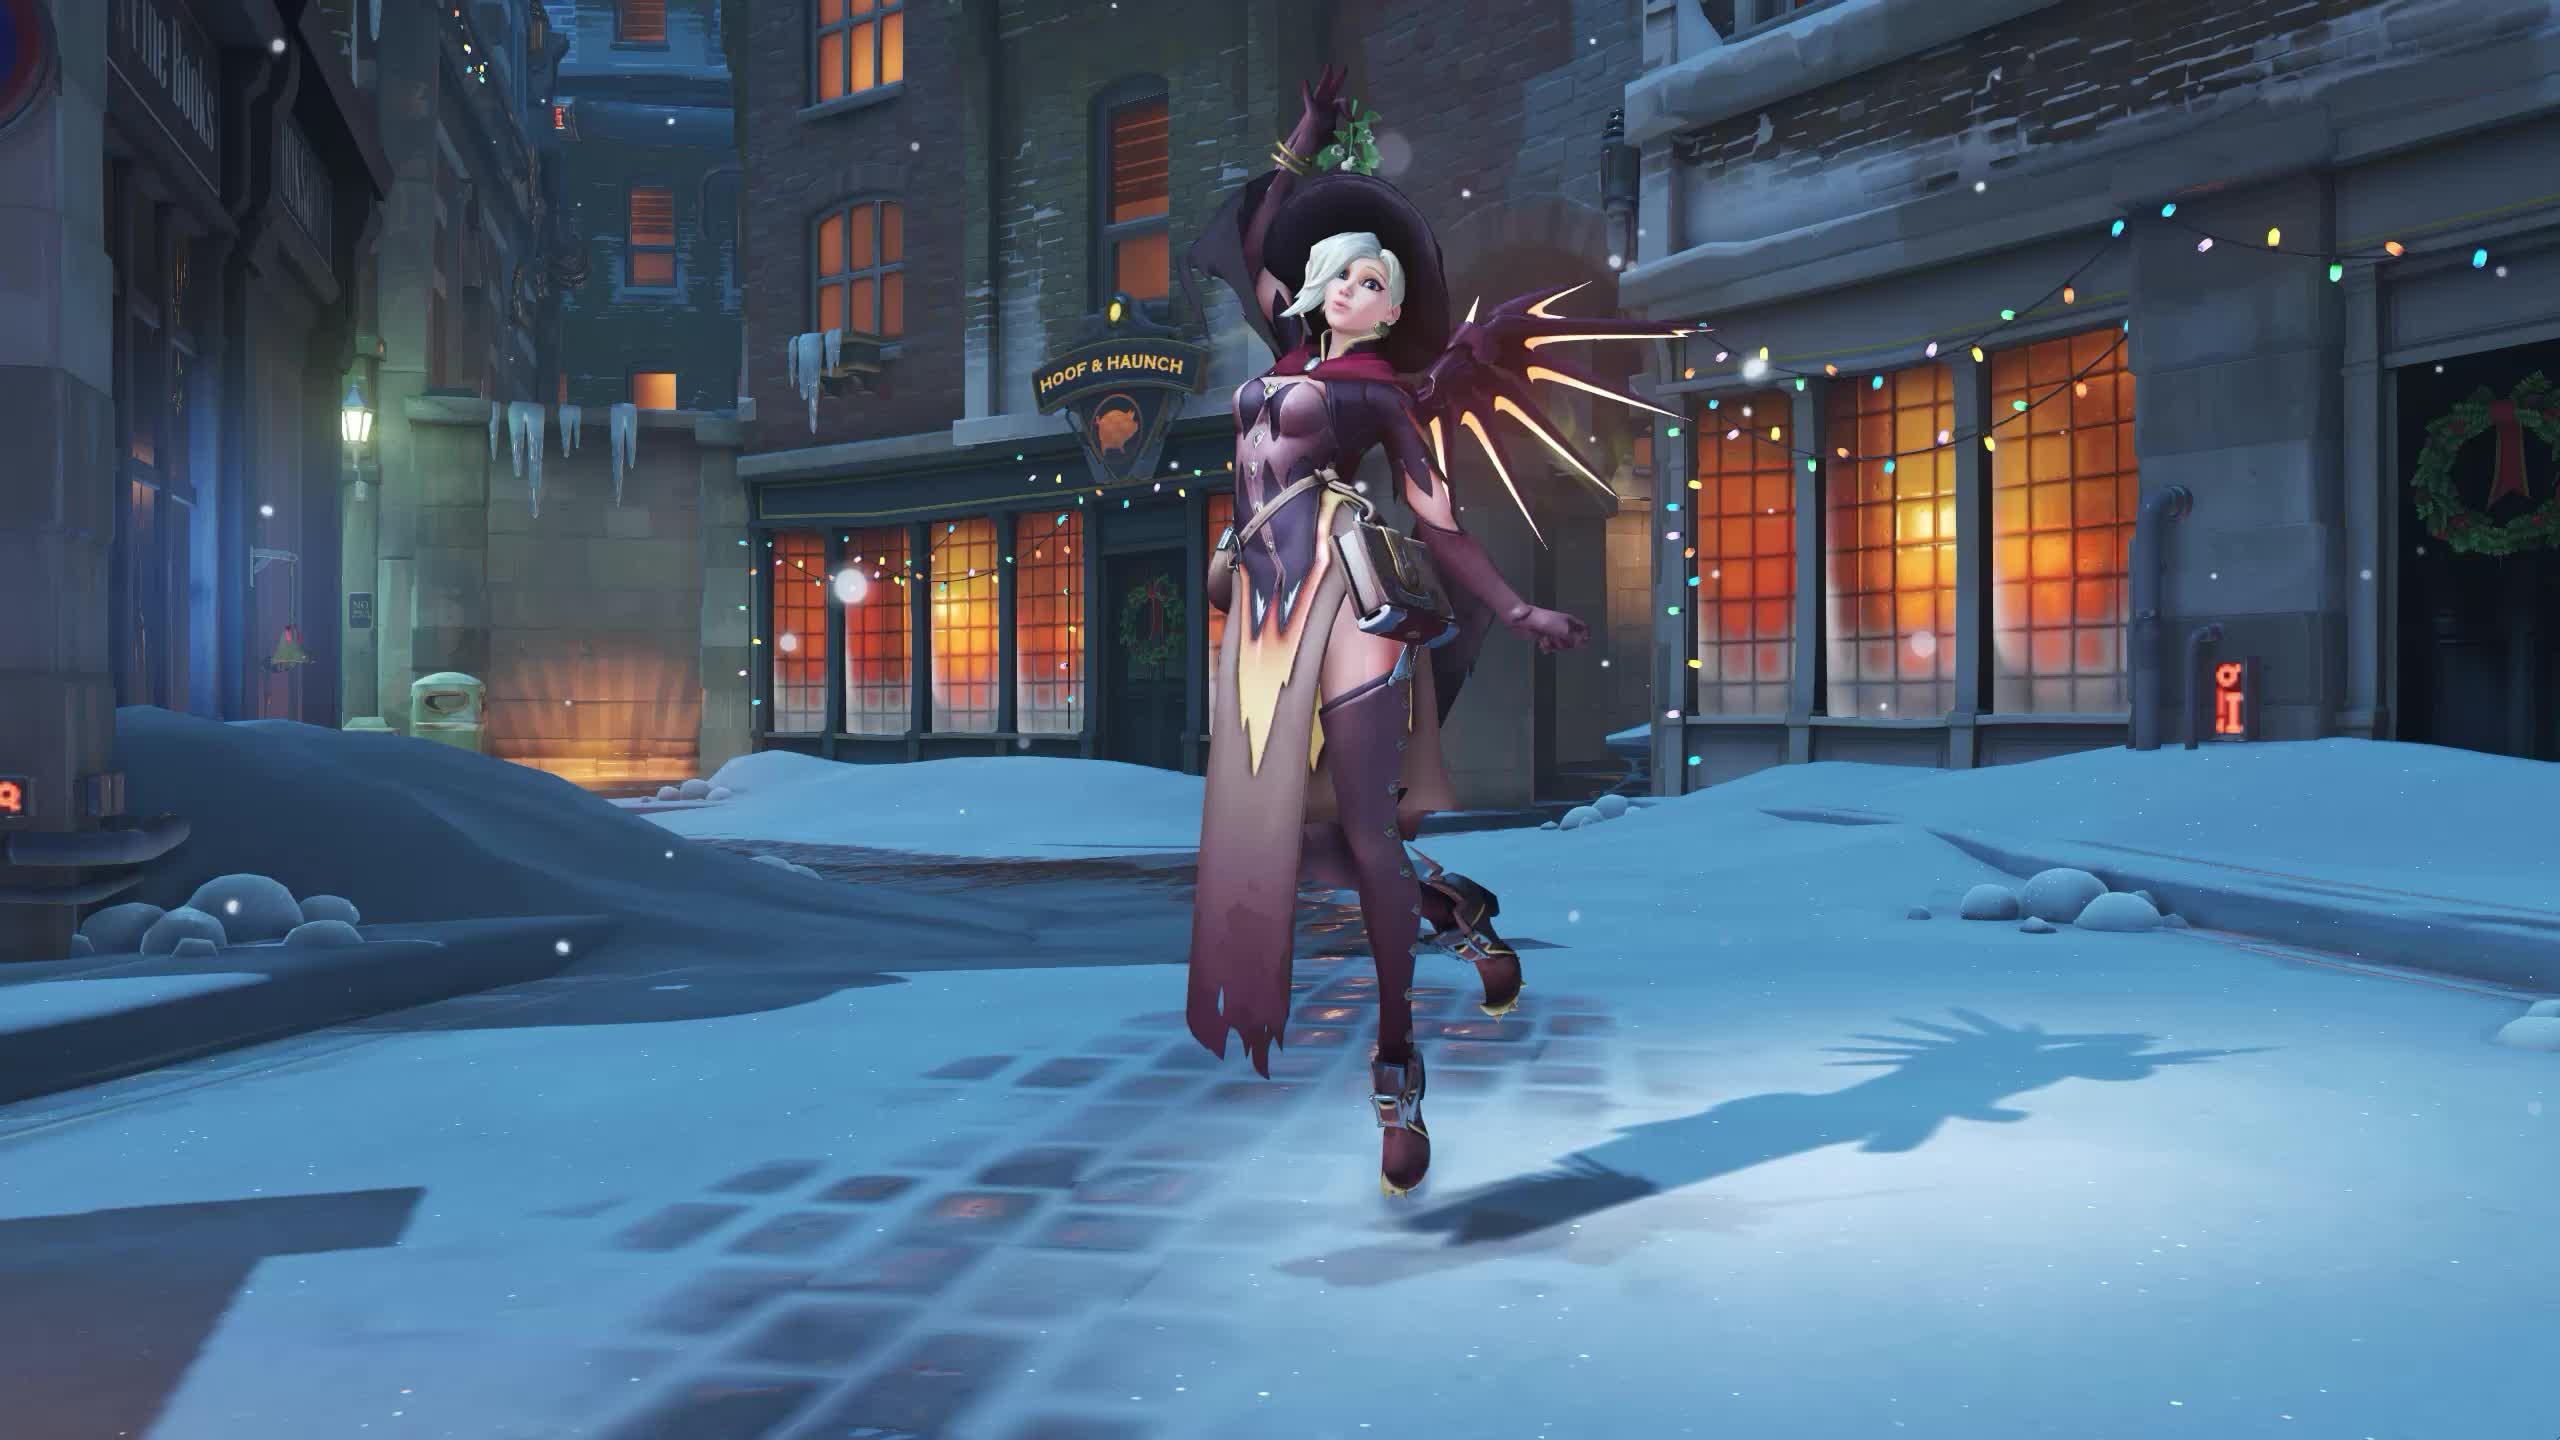 Overwatch Mercy Рождество - живые обои